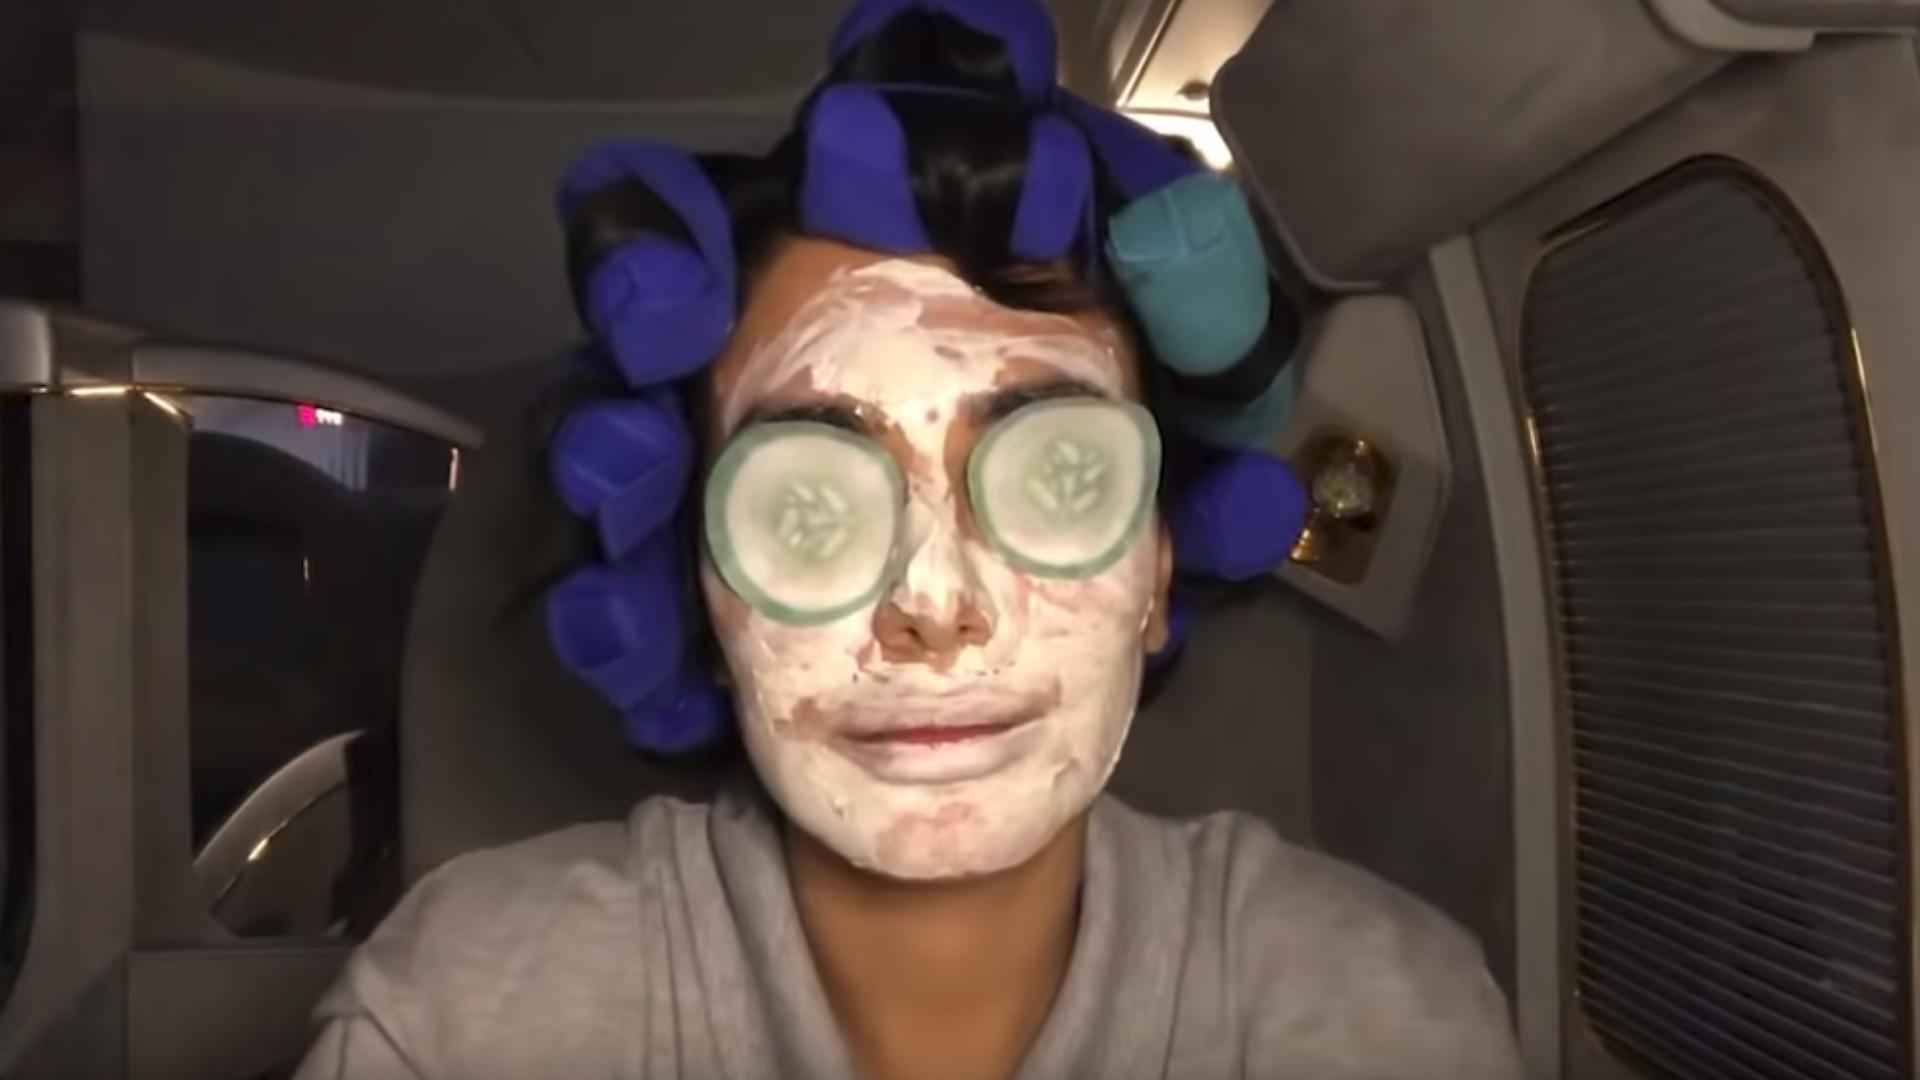 Huda Kattan Just Did An Entire Beauty Tutorial On A Flight